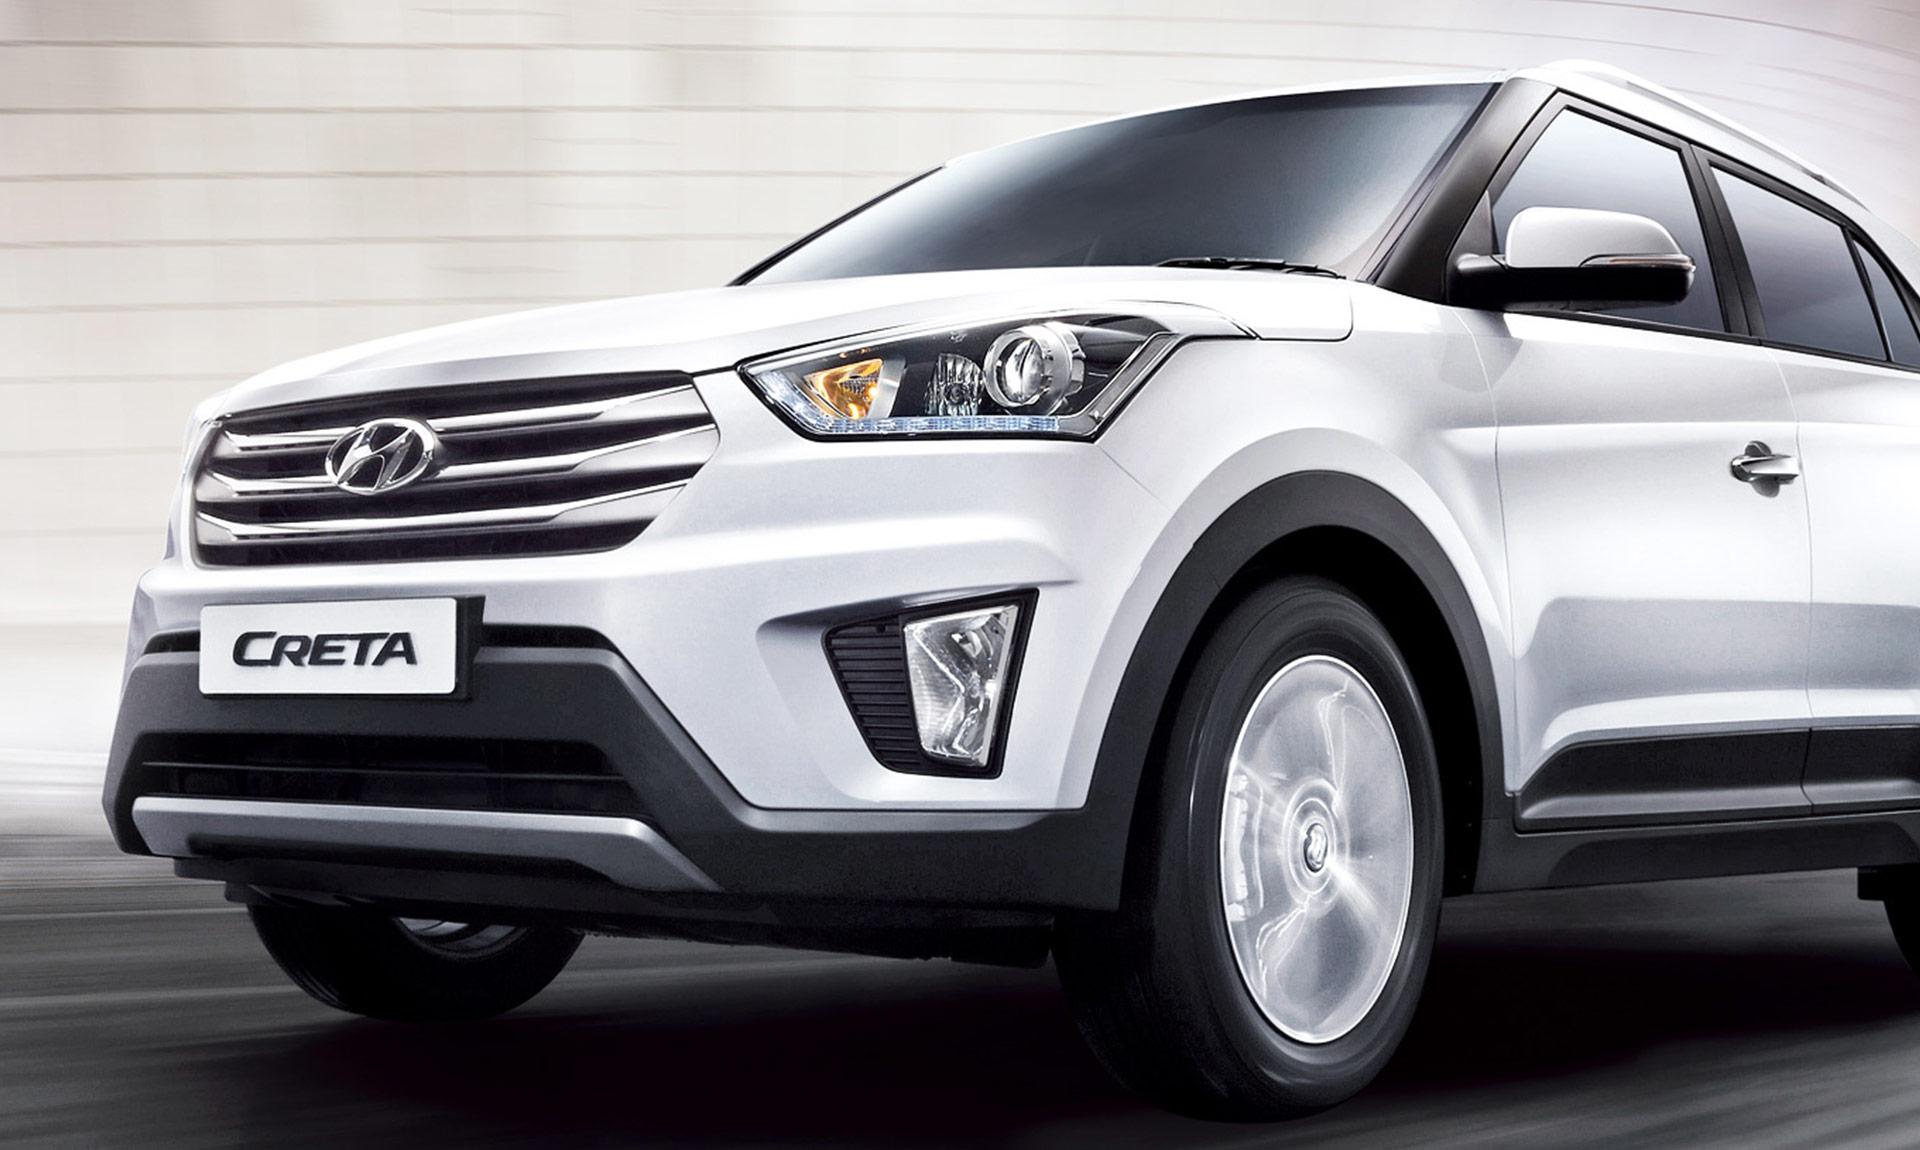 Hyundai Creta Pictures